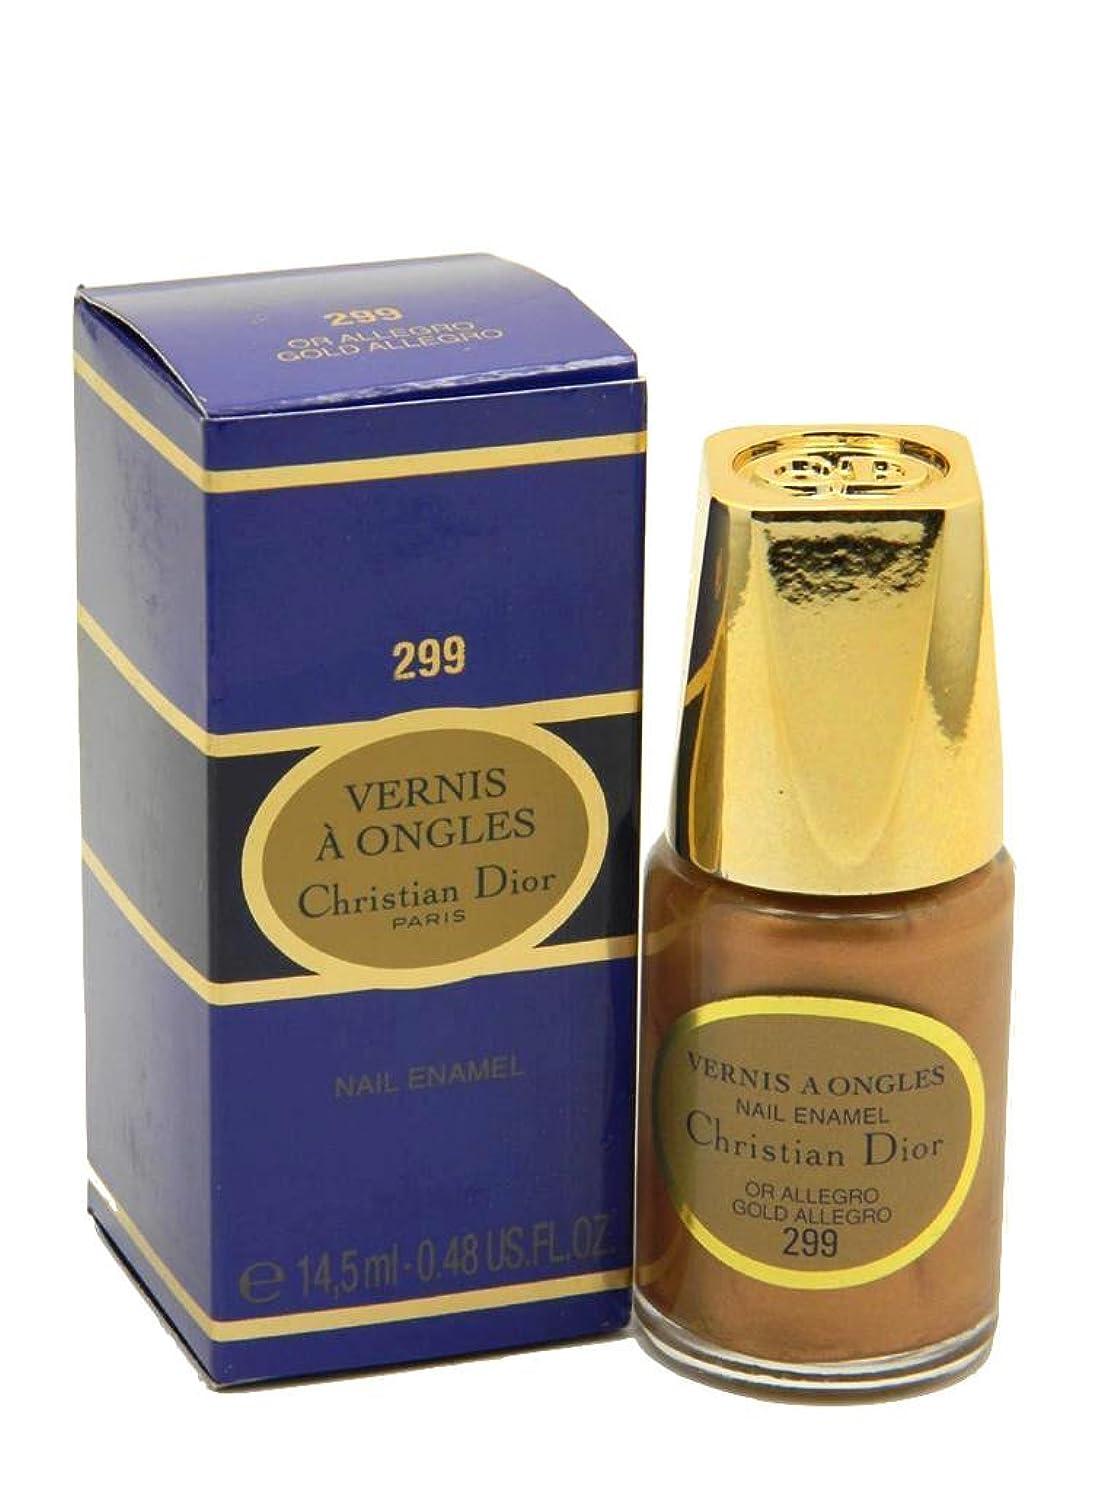 触覚に頼る脚本Dior Vernis A Ongles Nail Enamel Polish 299 Gold Allegro(ディオール ヴェルニ ア オングル ネイルエナメル ポリッシュ 299 ゴールドアレグロ) [並行輸入品]